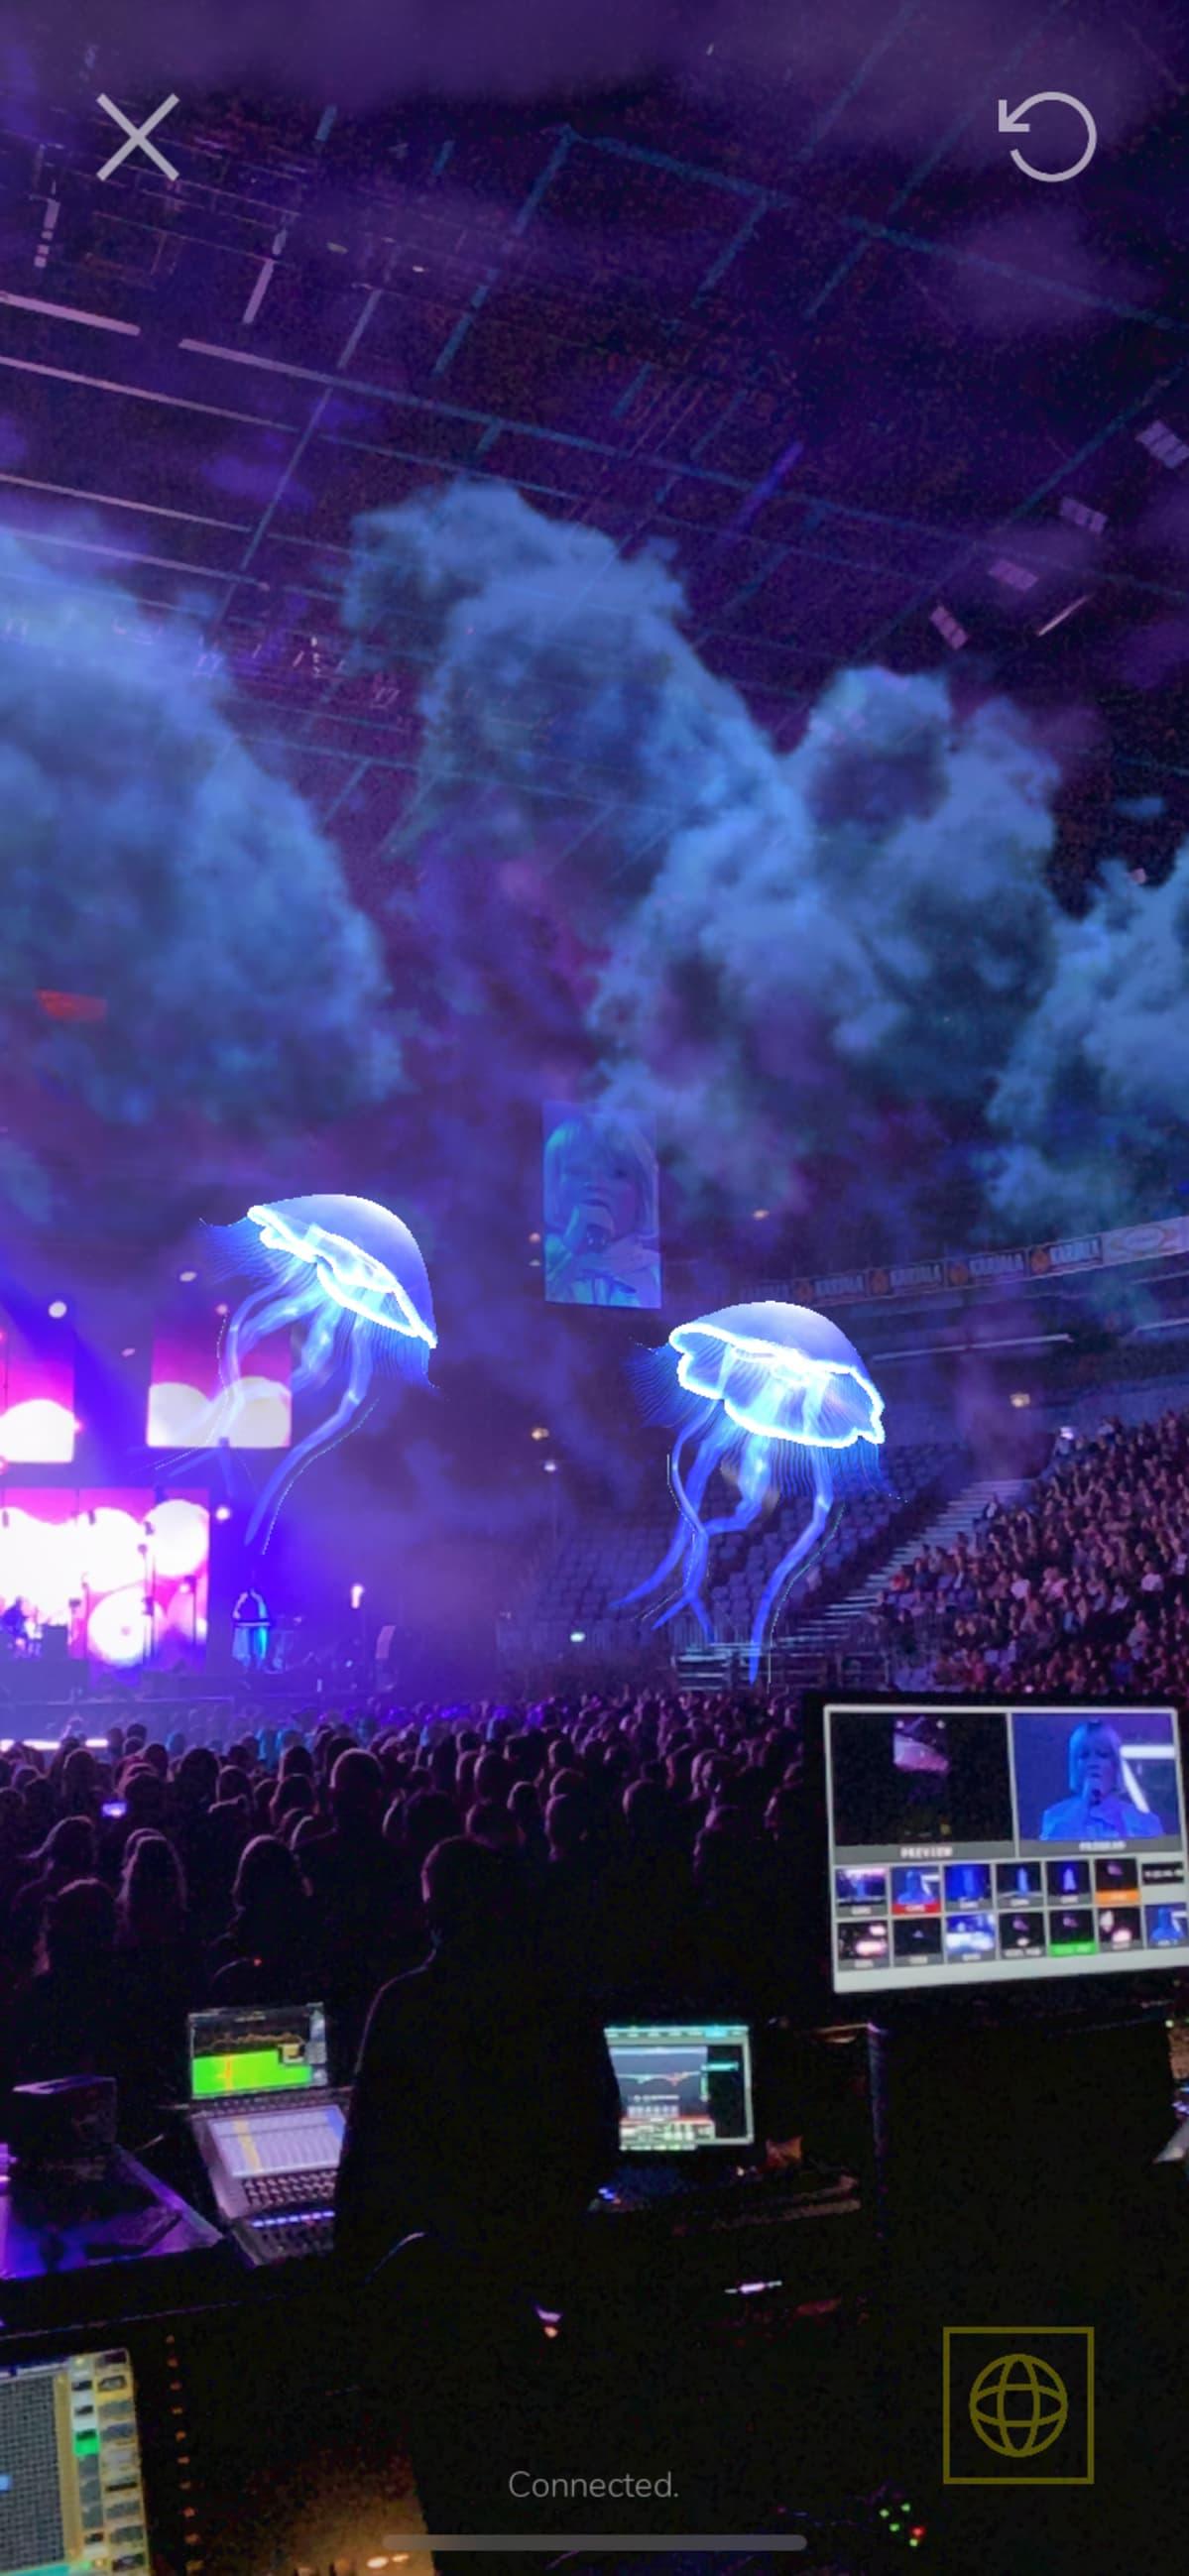 Paula Vesan konsertti Hartwall Areenalla, missä yleisöllä olimahdollisuud kokeilla Alternative reality-tekniikkaa puhelimillaan.